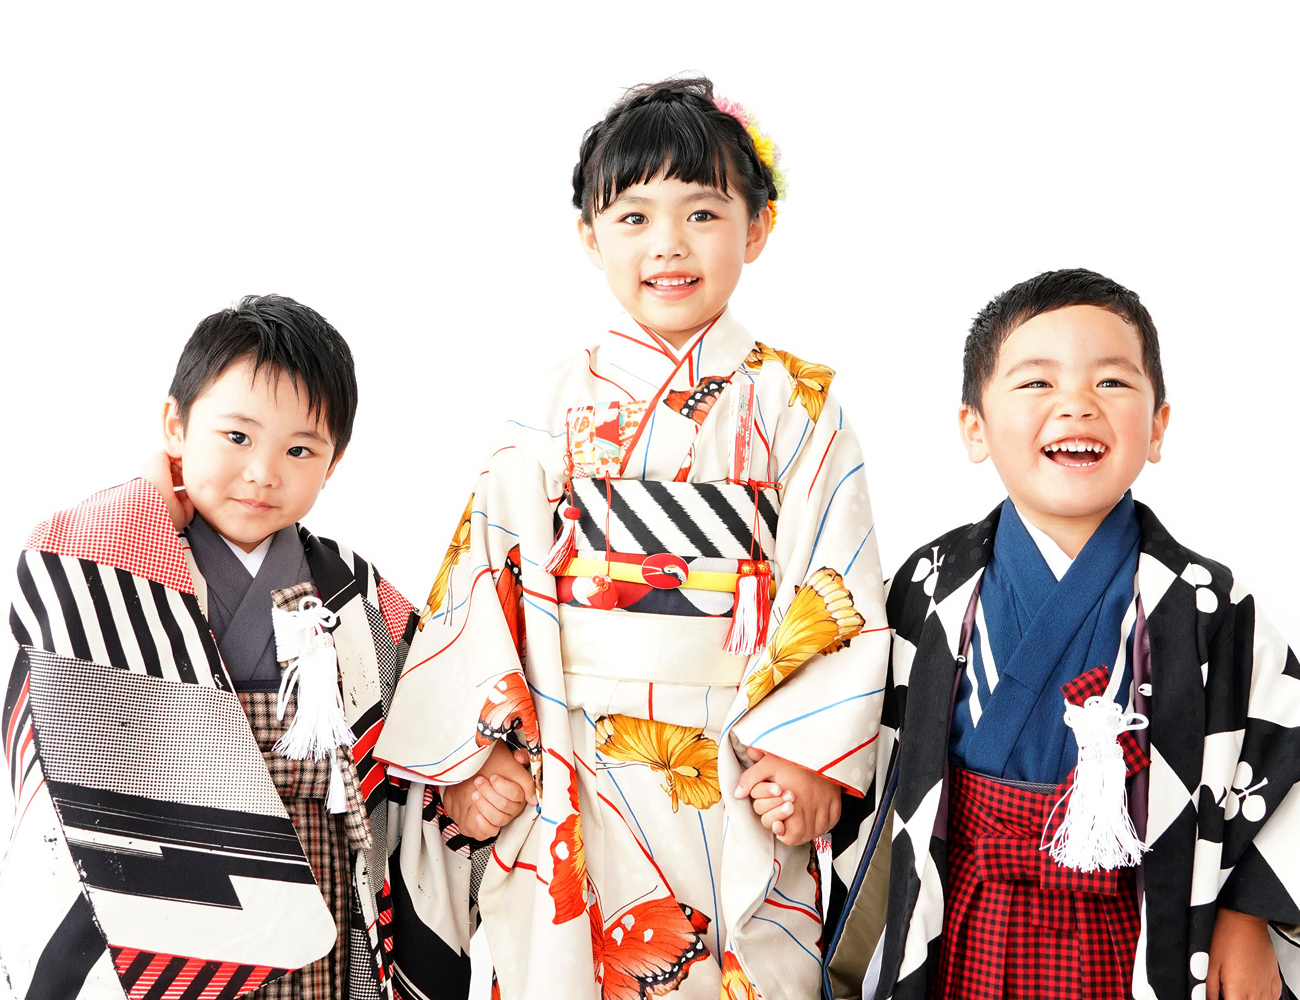 京都 おしゃれ七五三 写真☆姉弟3ショット